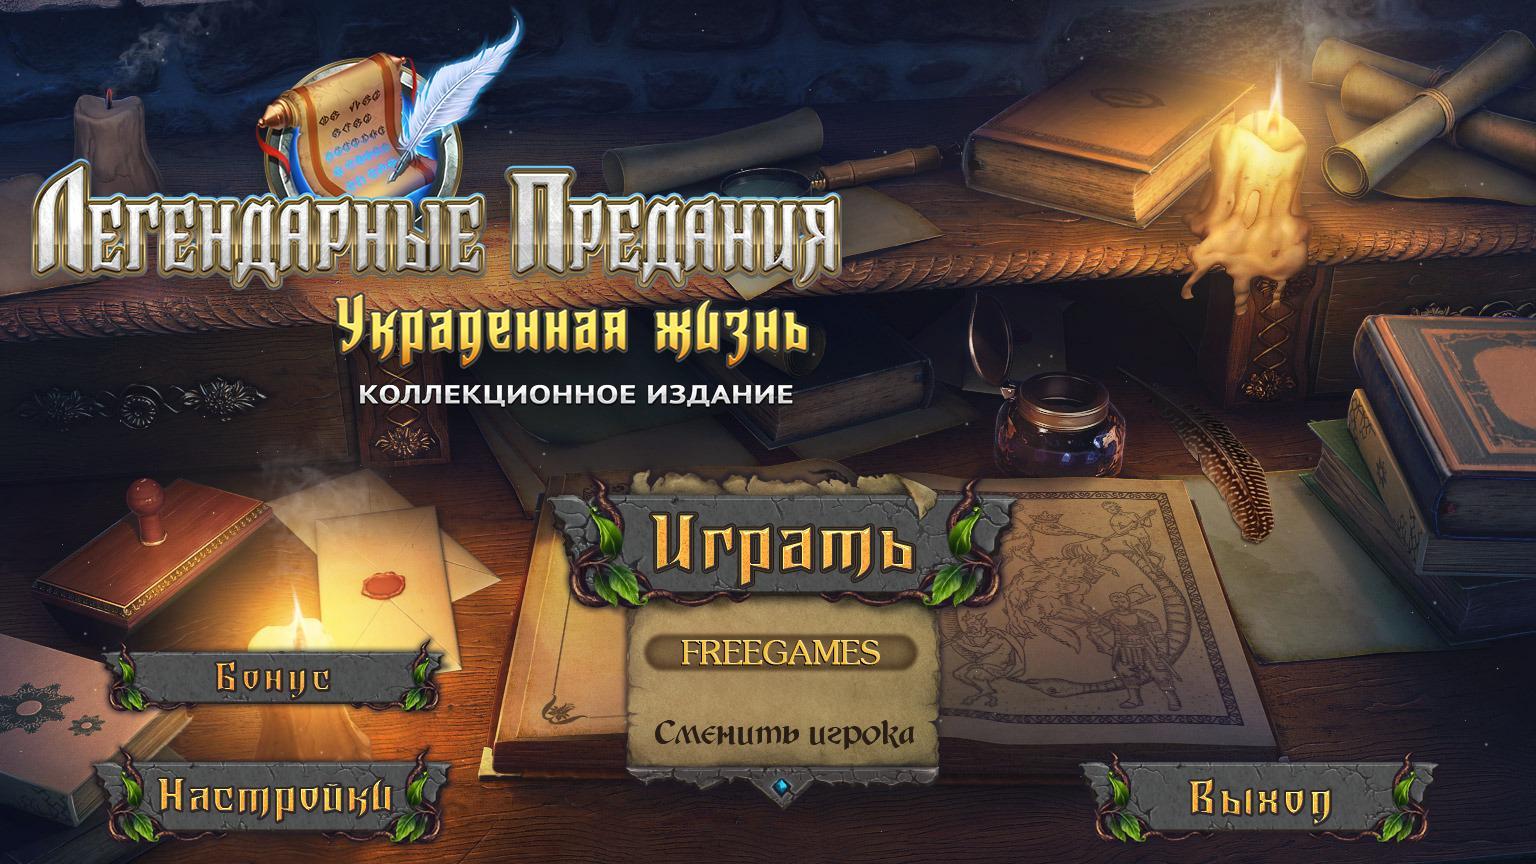 Легендарные предания: Украденная жизнь. Коллекционное издание | Legendary Tales: Stolen Life CE (Rus)